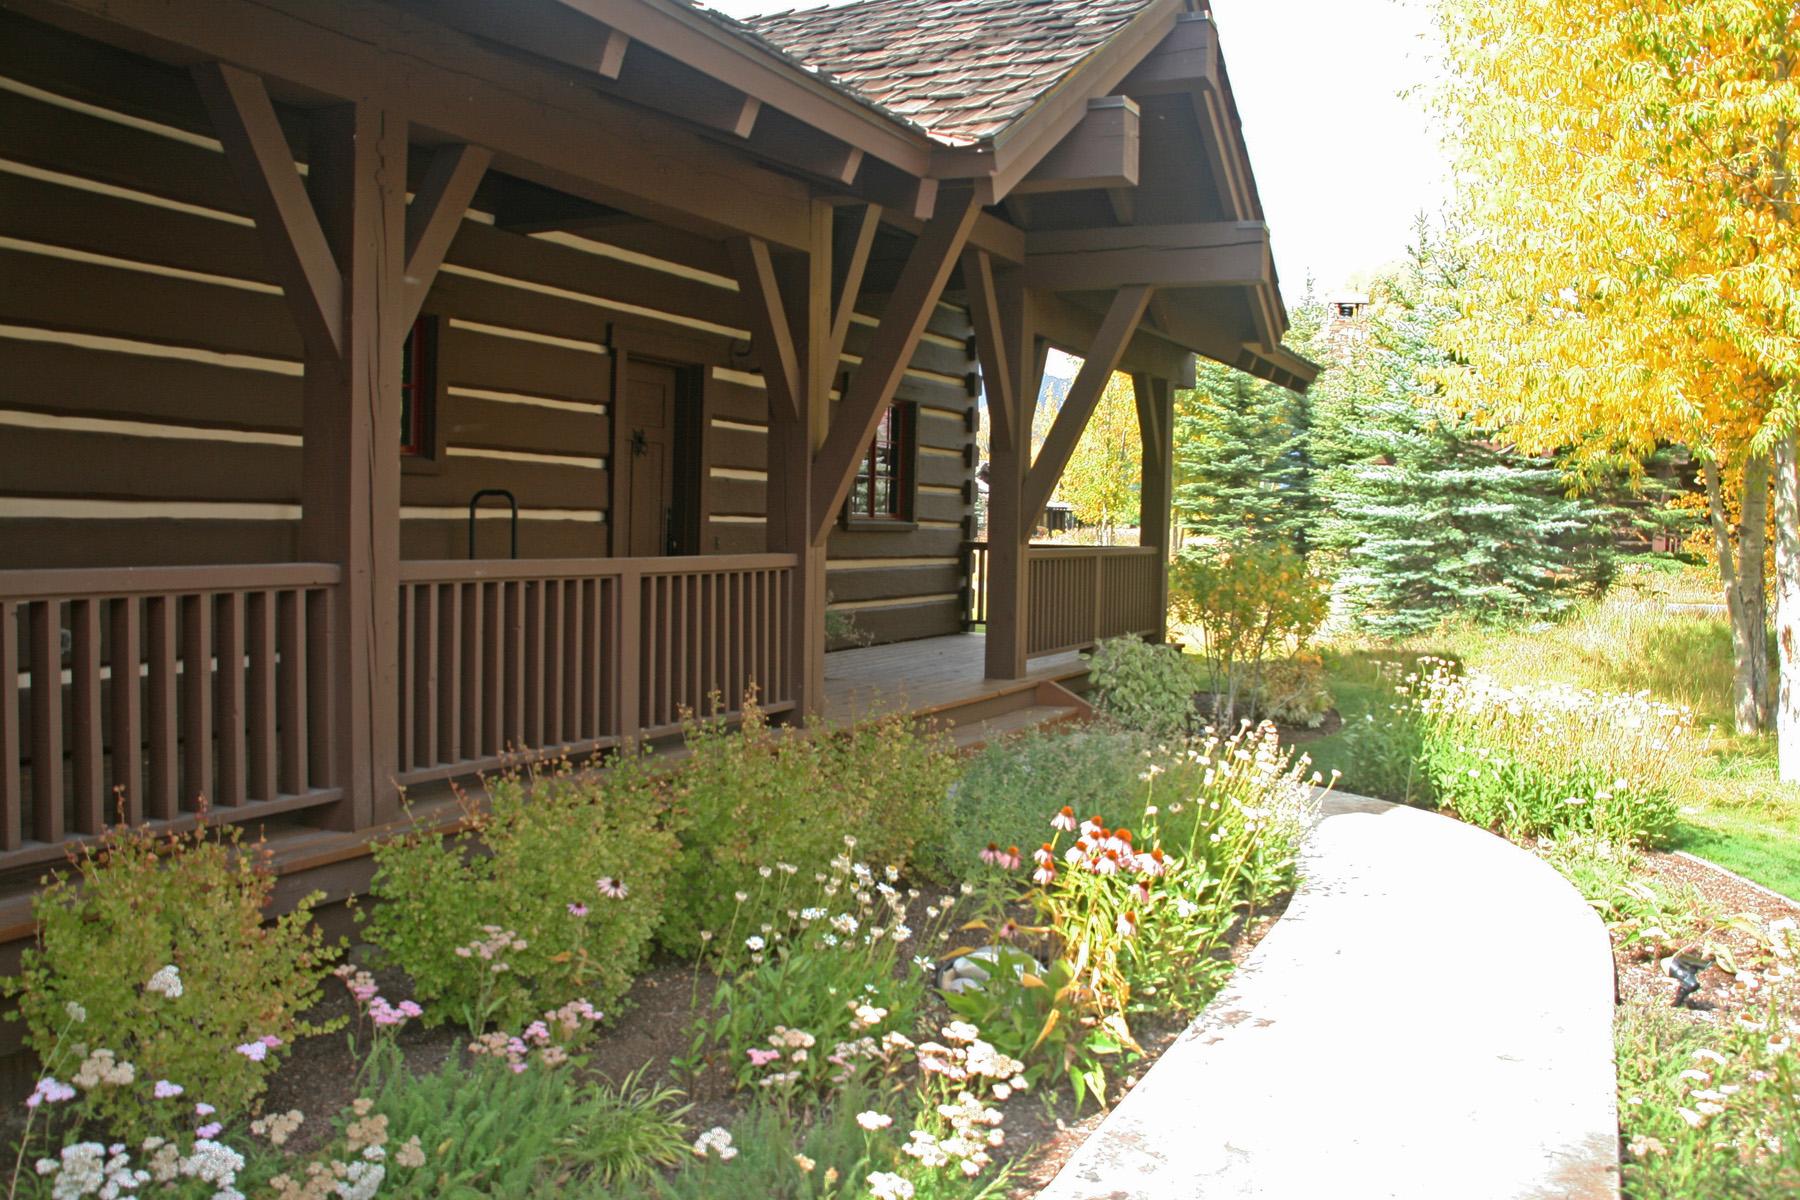 Maison unifamiliale pour l Vente à Jackson Hole Golf and Tennis Cabin 5845 Mountain Mahogany Lane Jackson, Wyoming, 83001 Jackson Hole, États-Unis